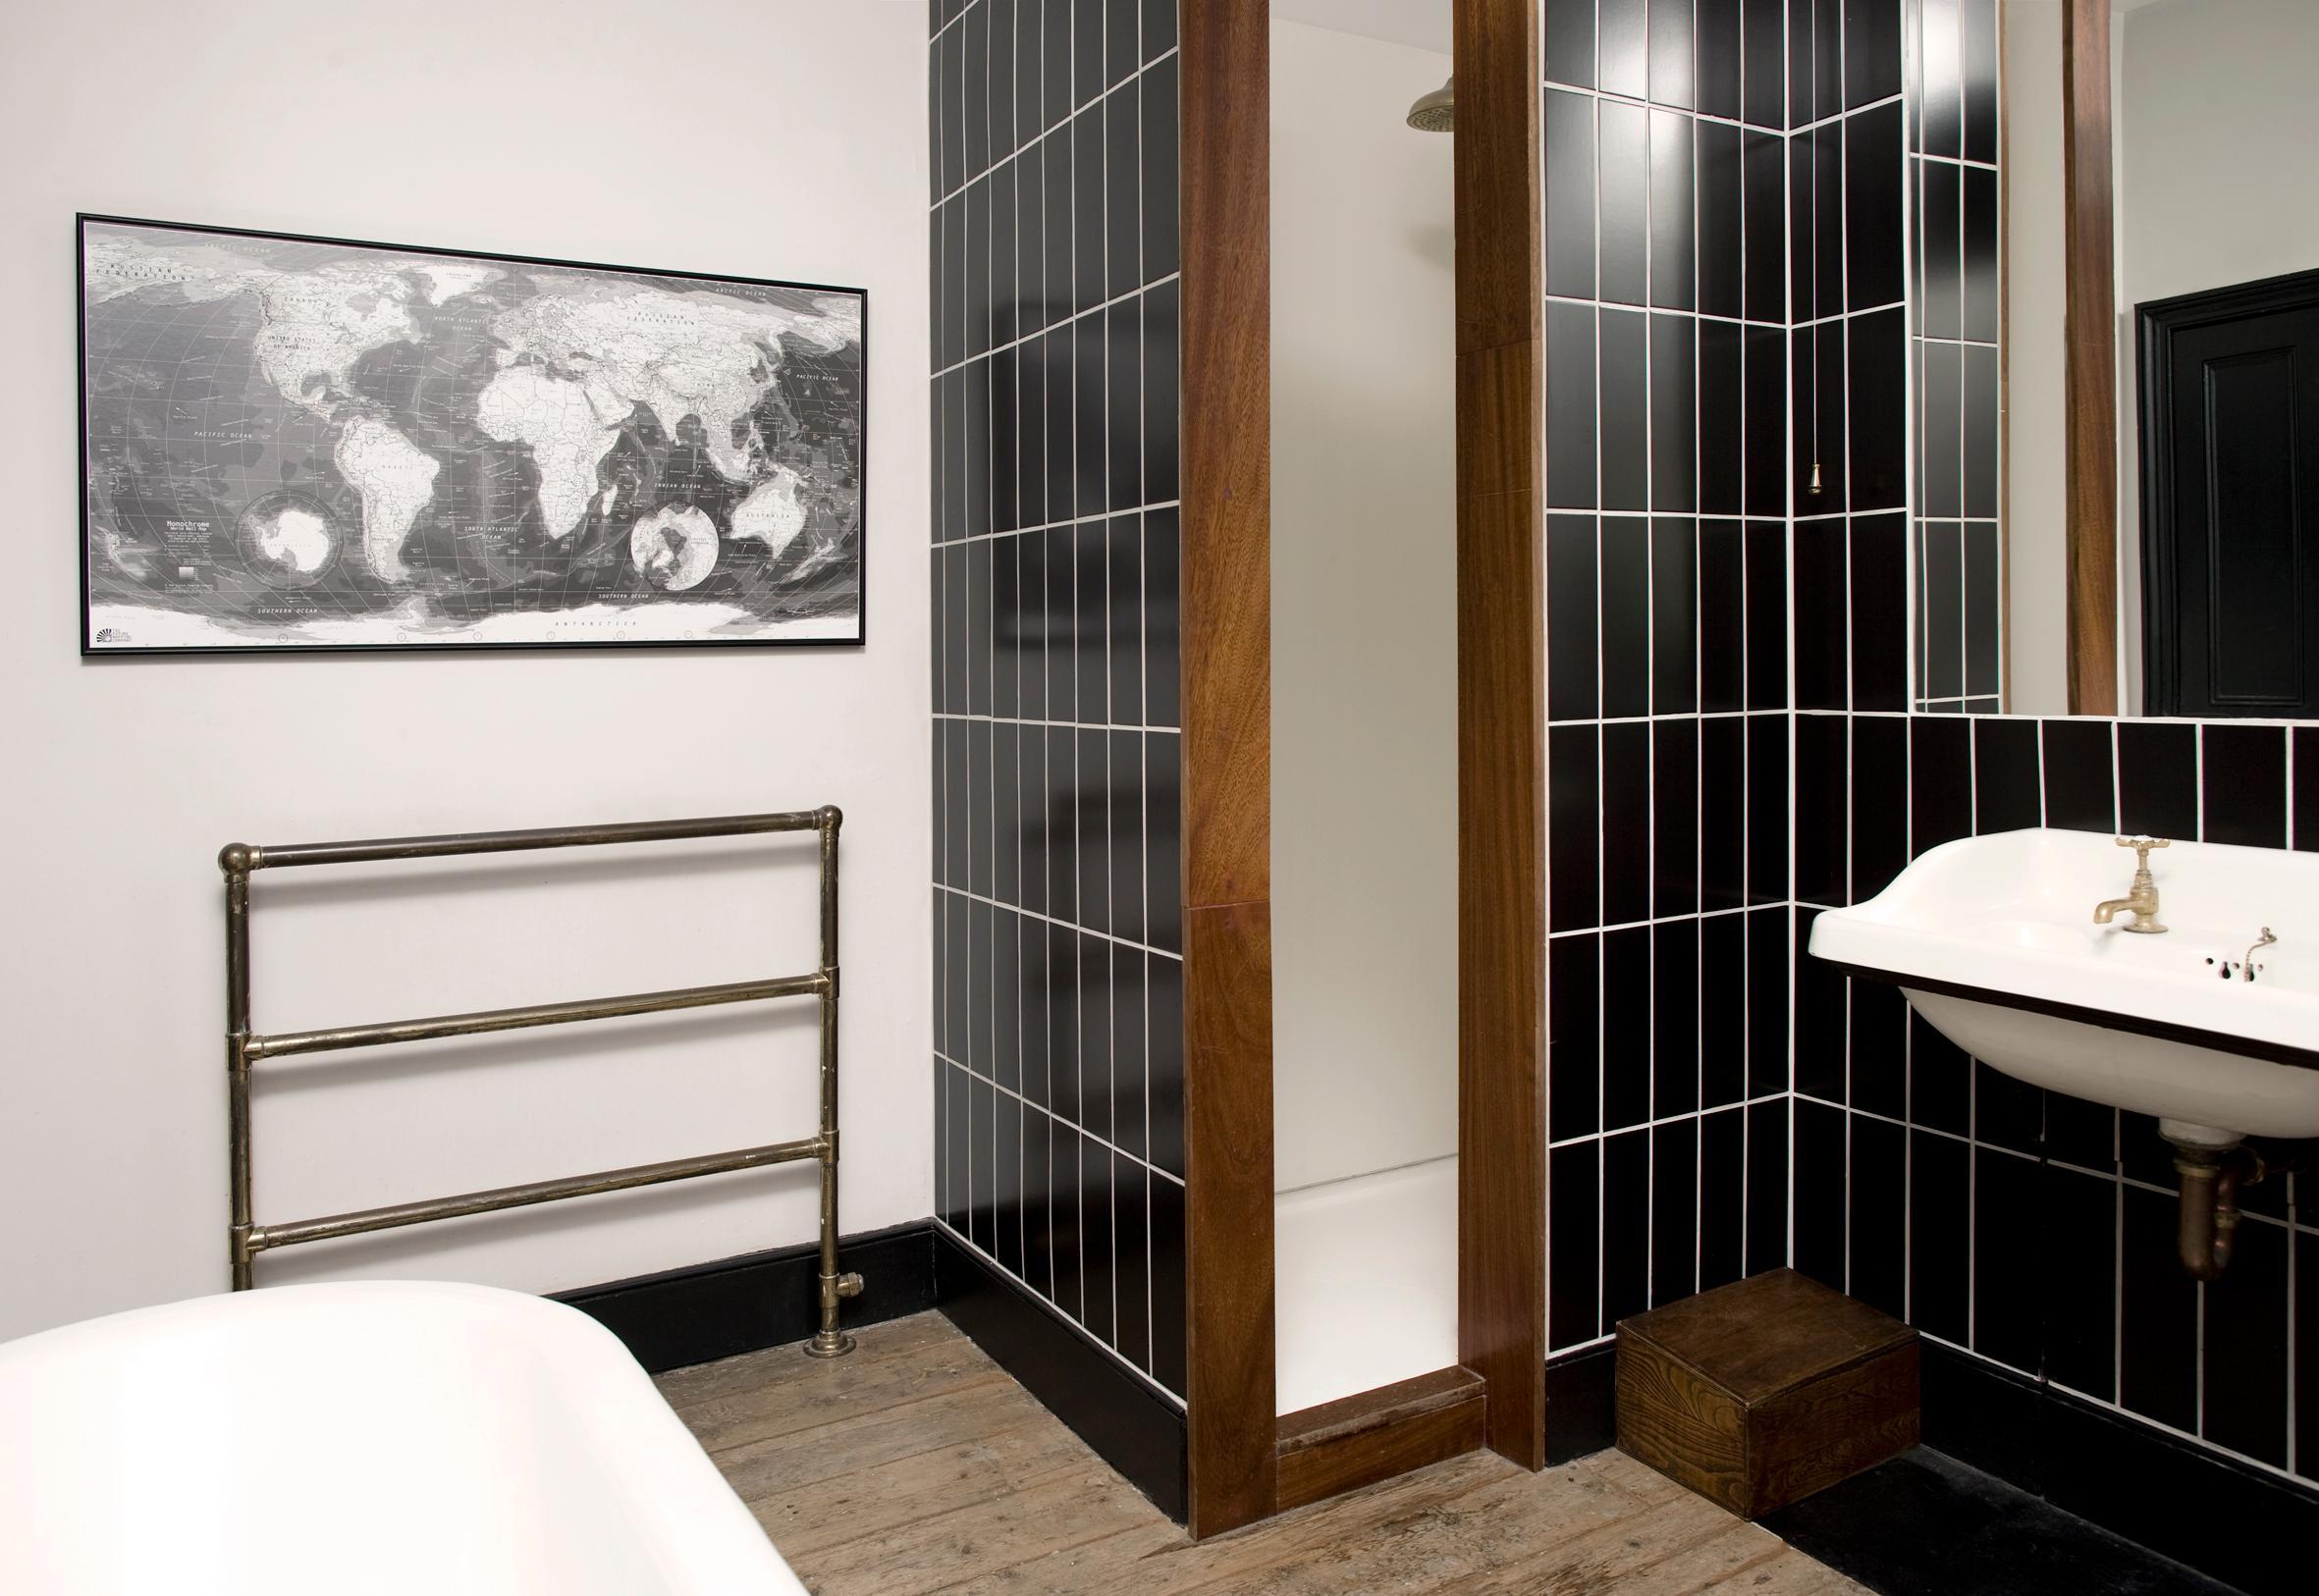 Schwarze Fliesen im Badezimmer #fliesen #dusche #was...